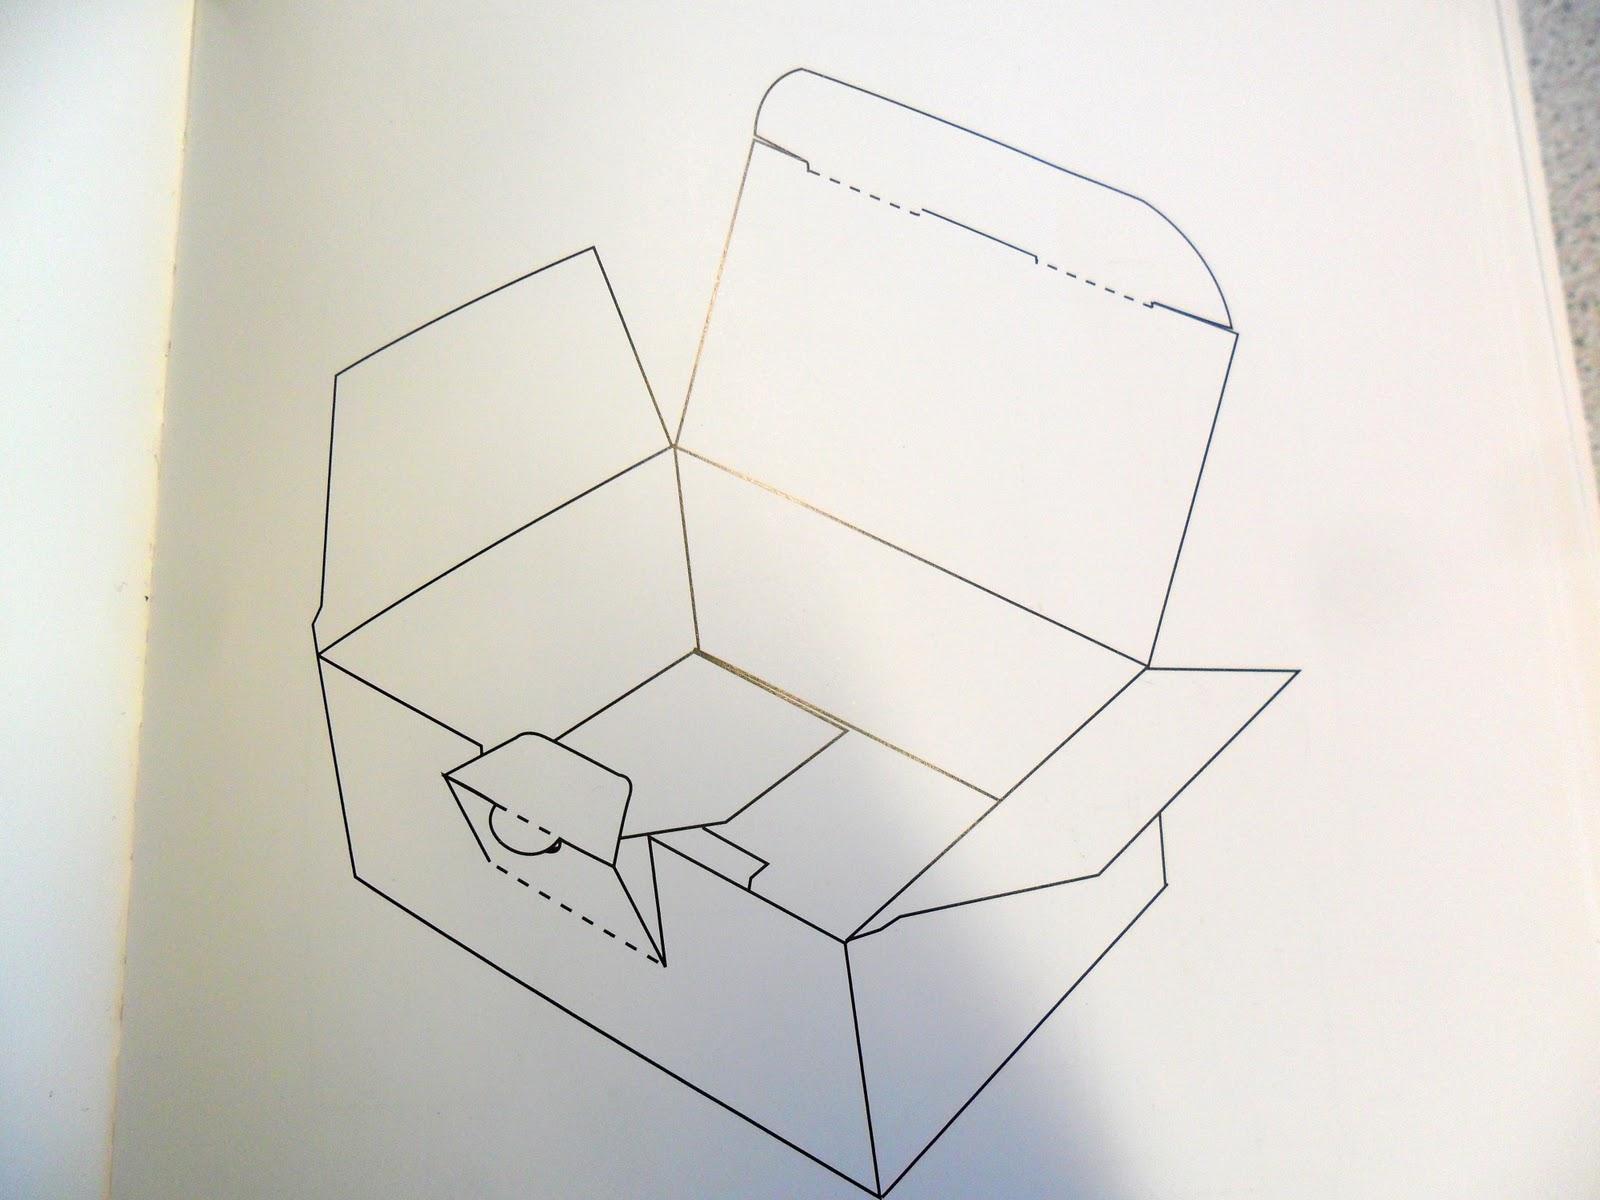 Packaging Nets Template - Www imagez co